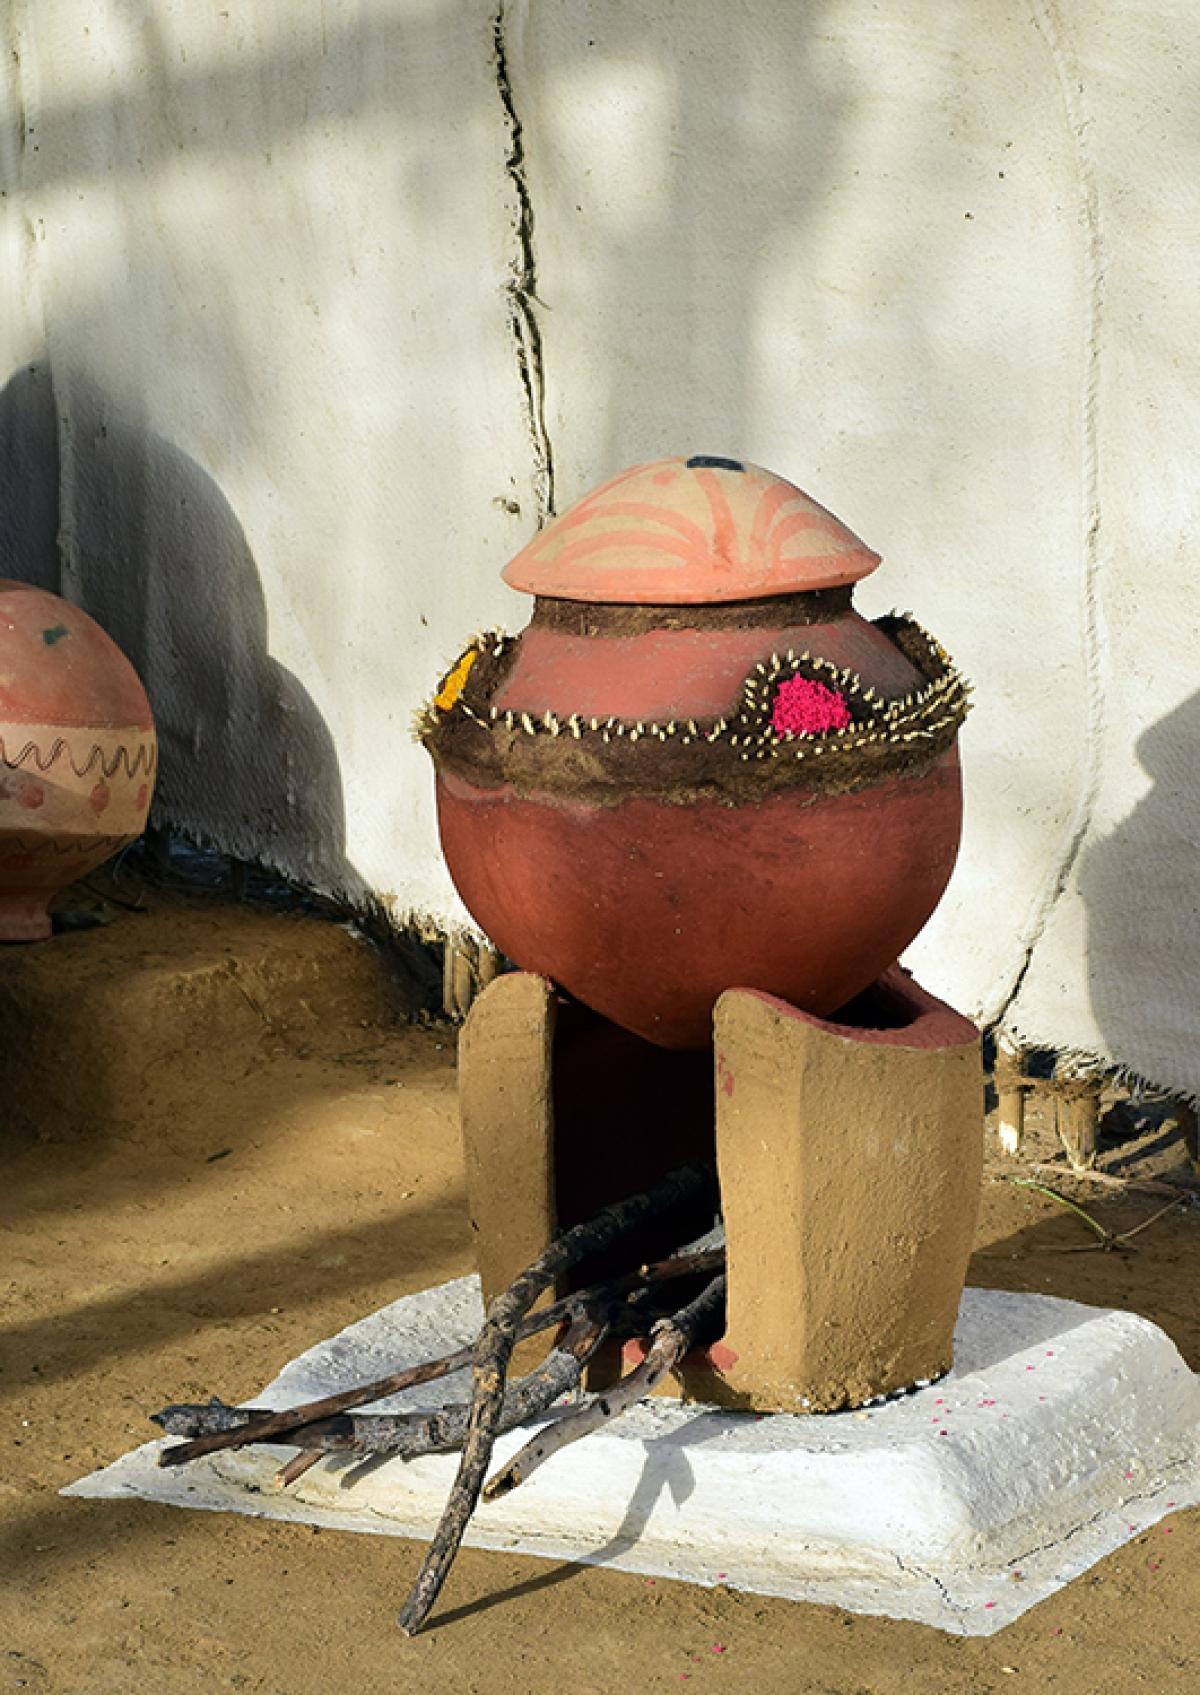 Pot on chulah